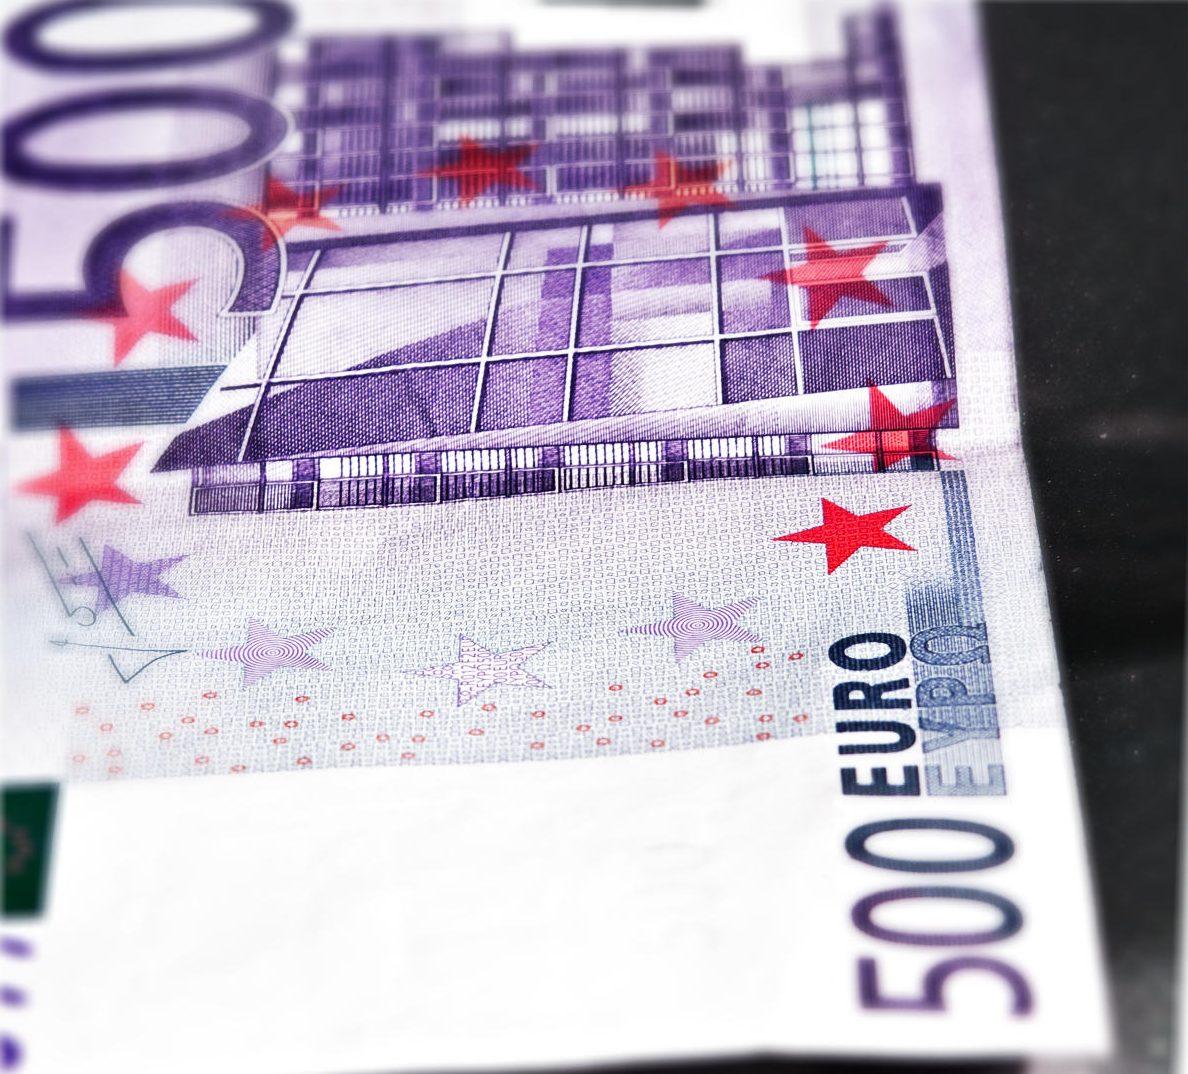 Come Guadagnare 1000 Euro in Due Giorni: 2 Metodi REALI per Far Soldi